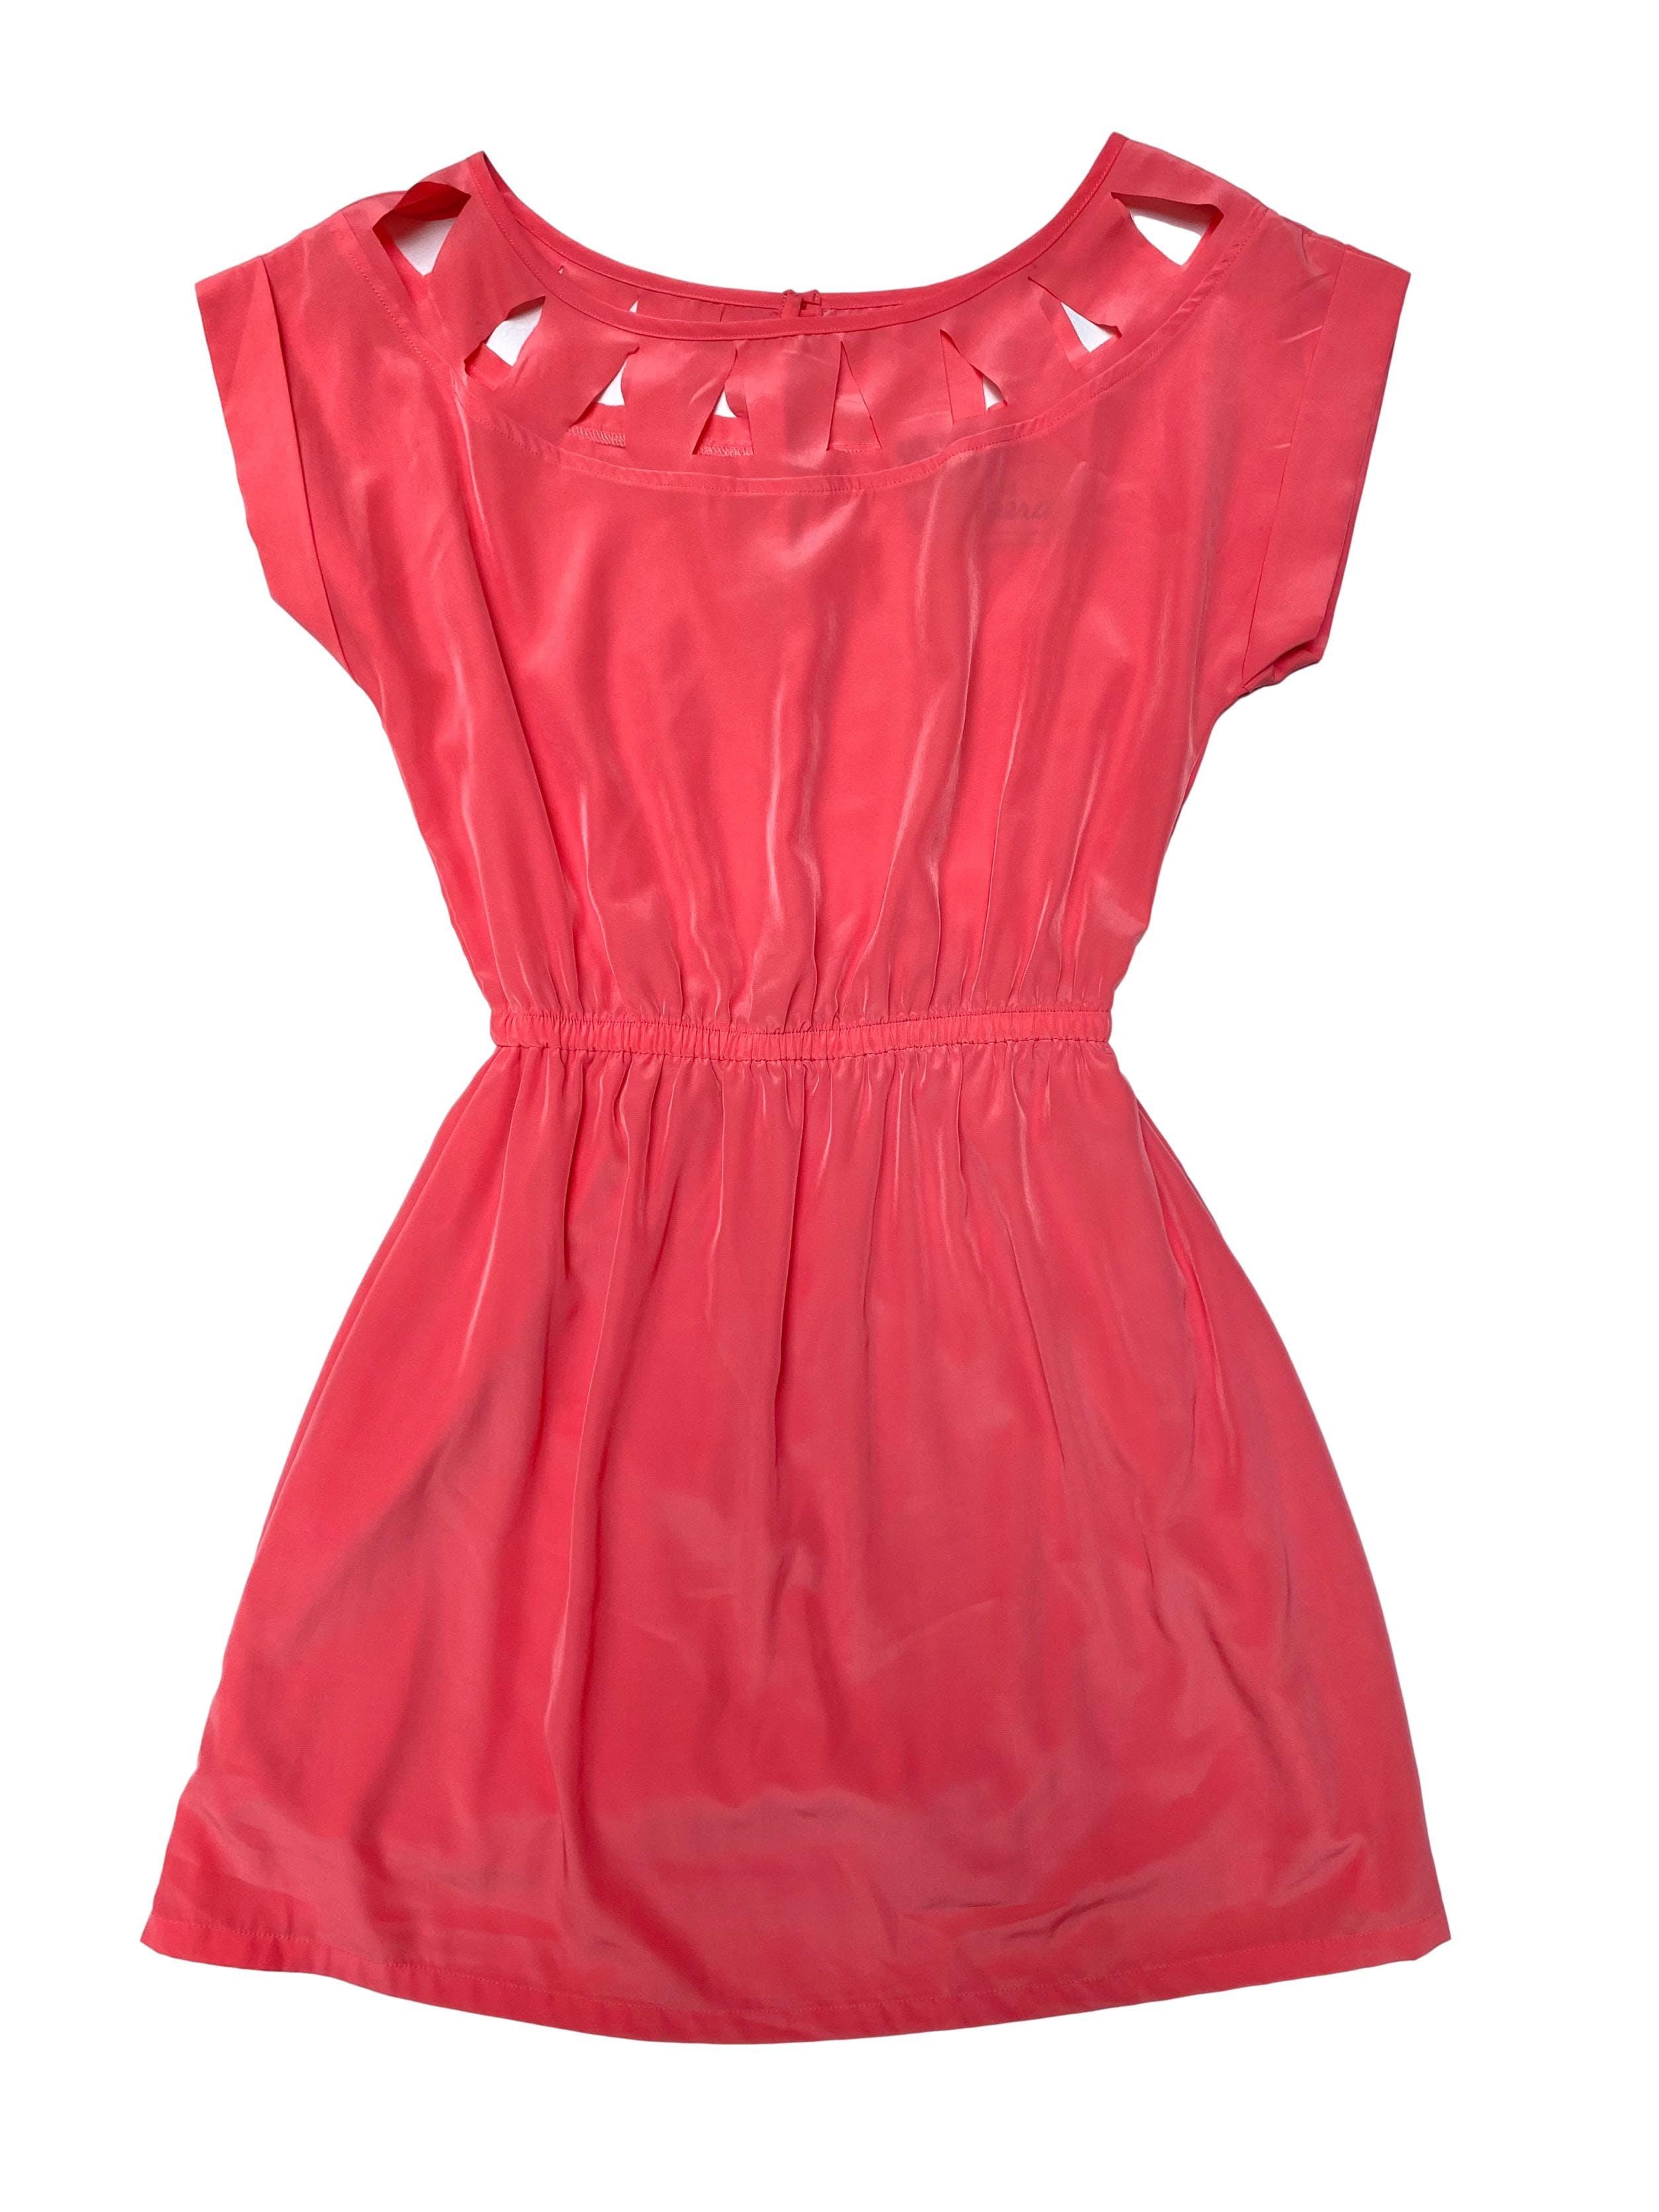 Vestido 15.50 coral satinado con forro de algodón, cuello amplio con triángulos calados, elástico en la cintura. Largo 85cm